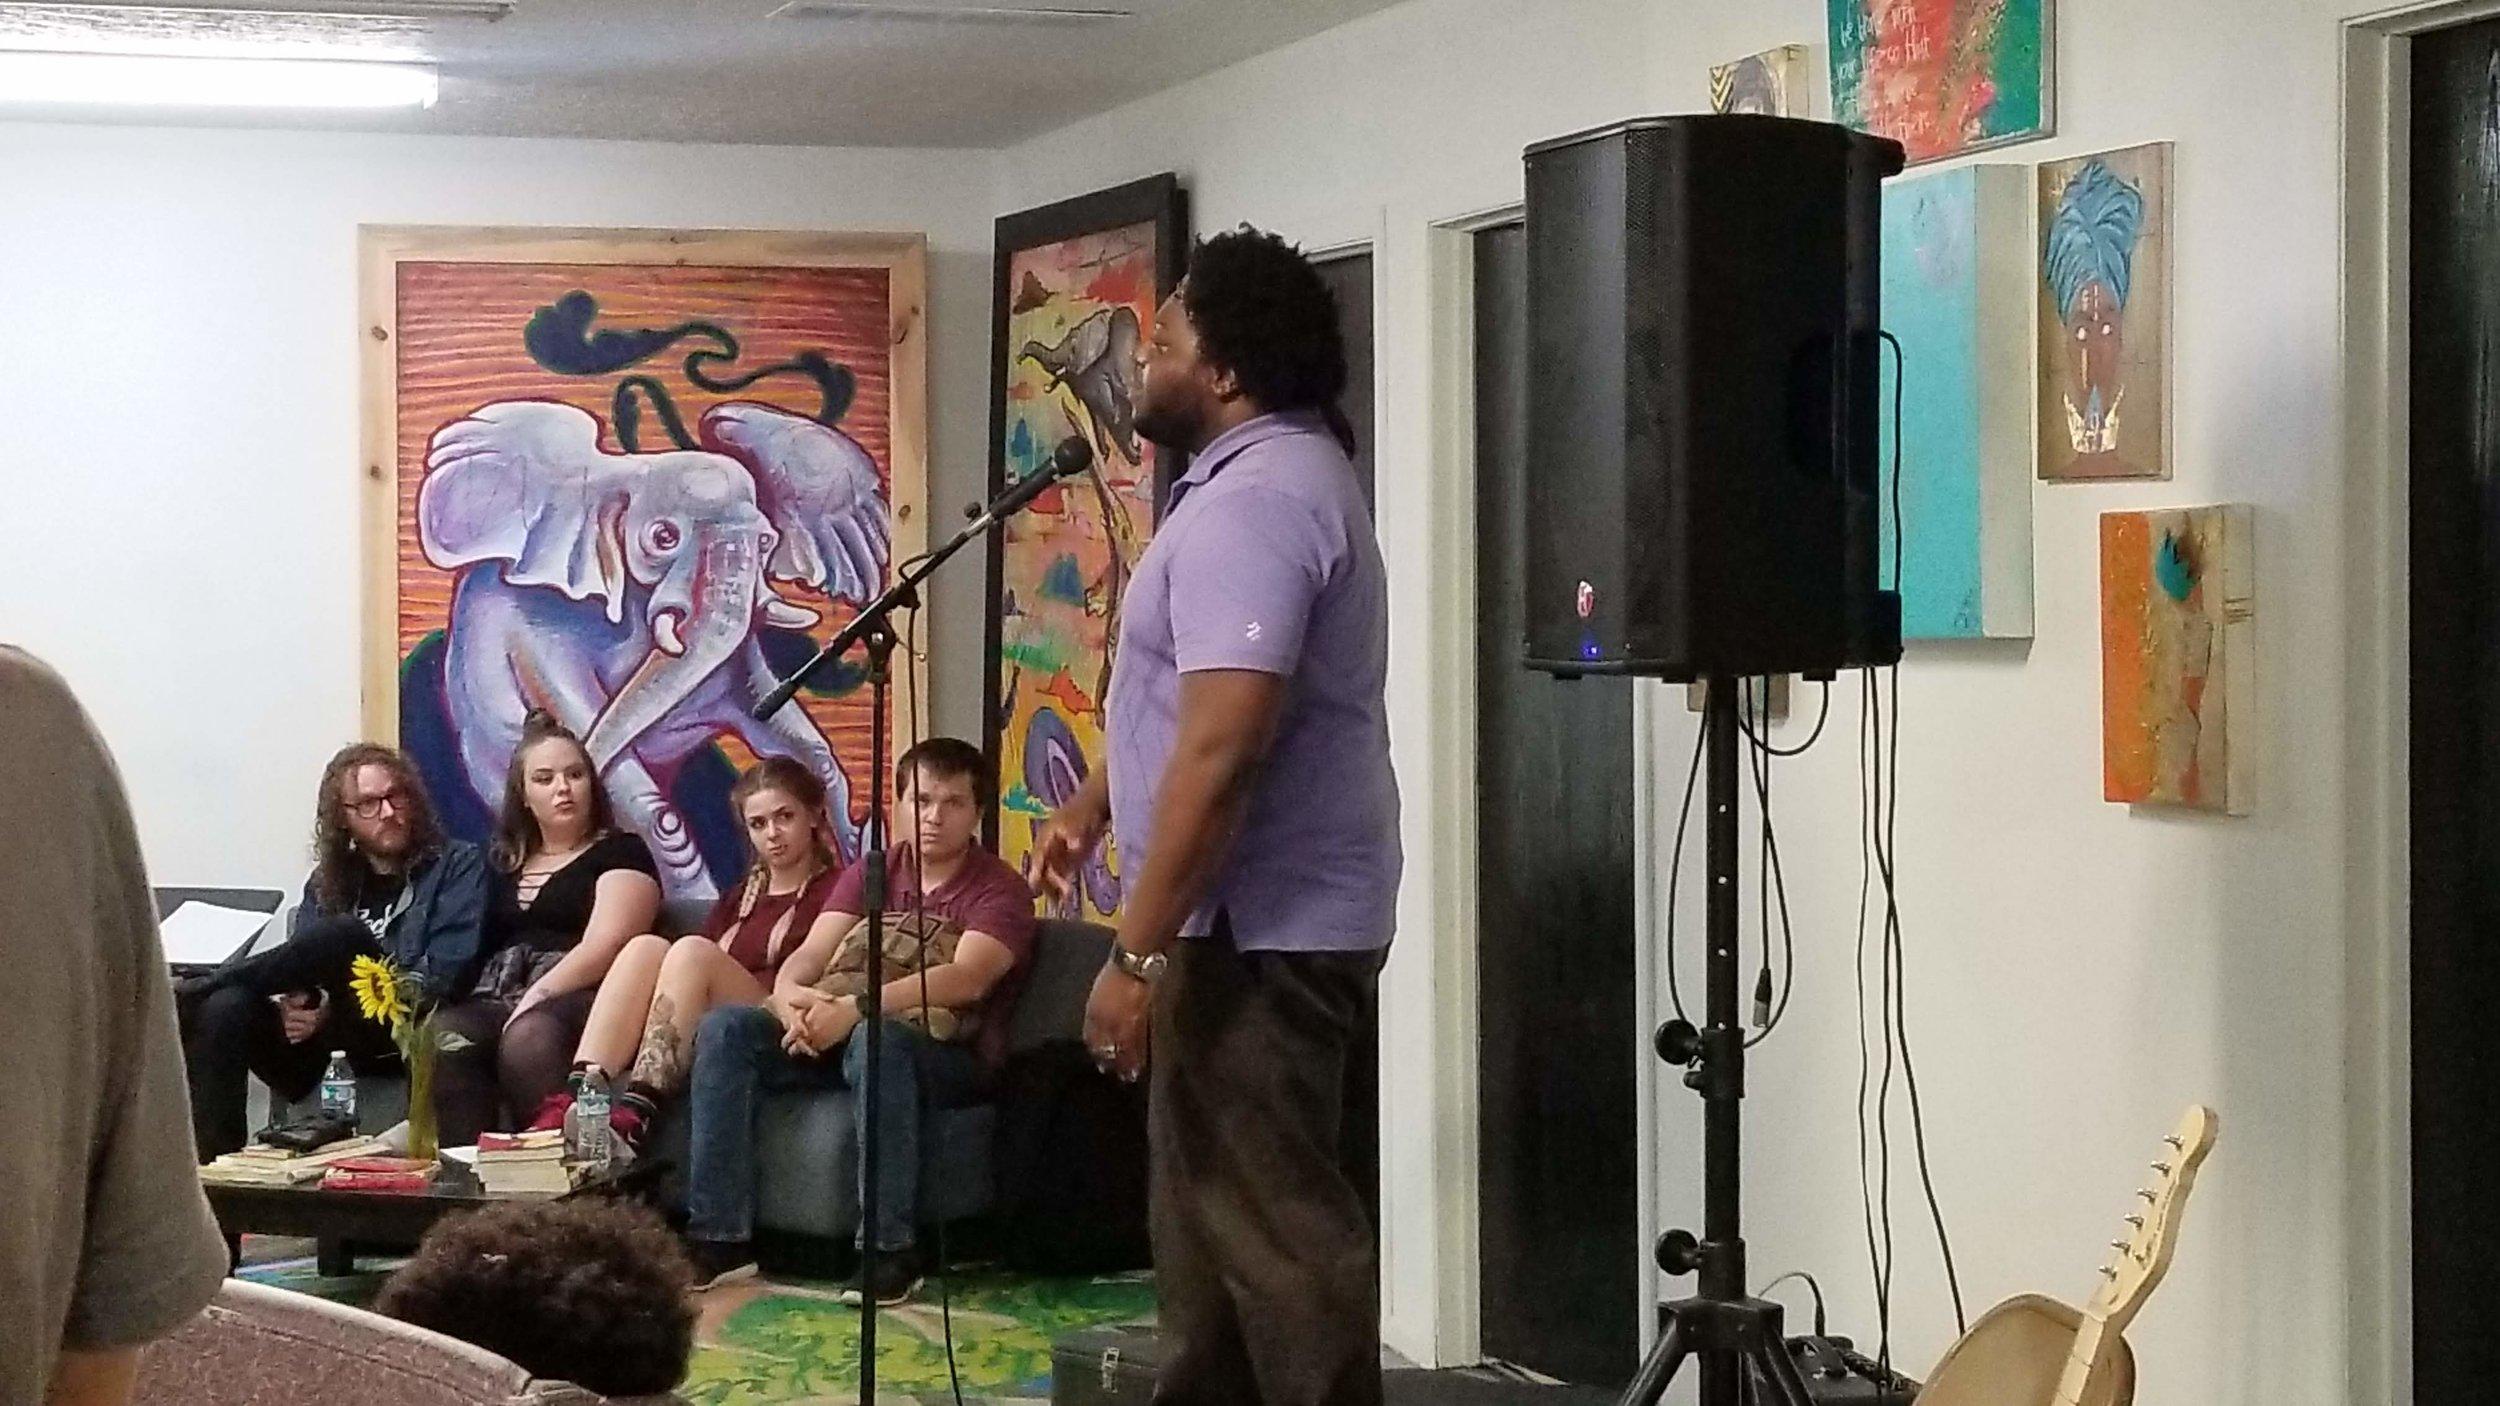 Poet performing at Culxr House